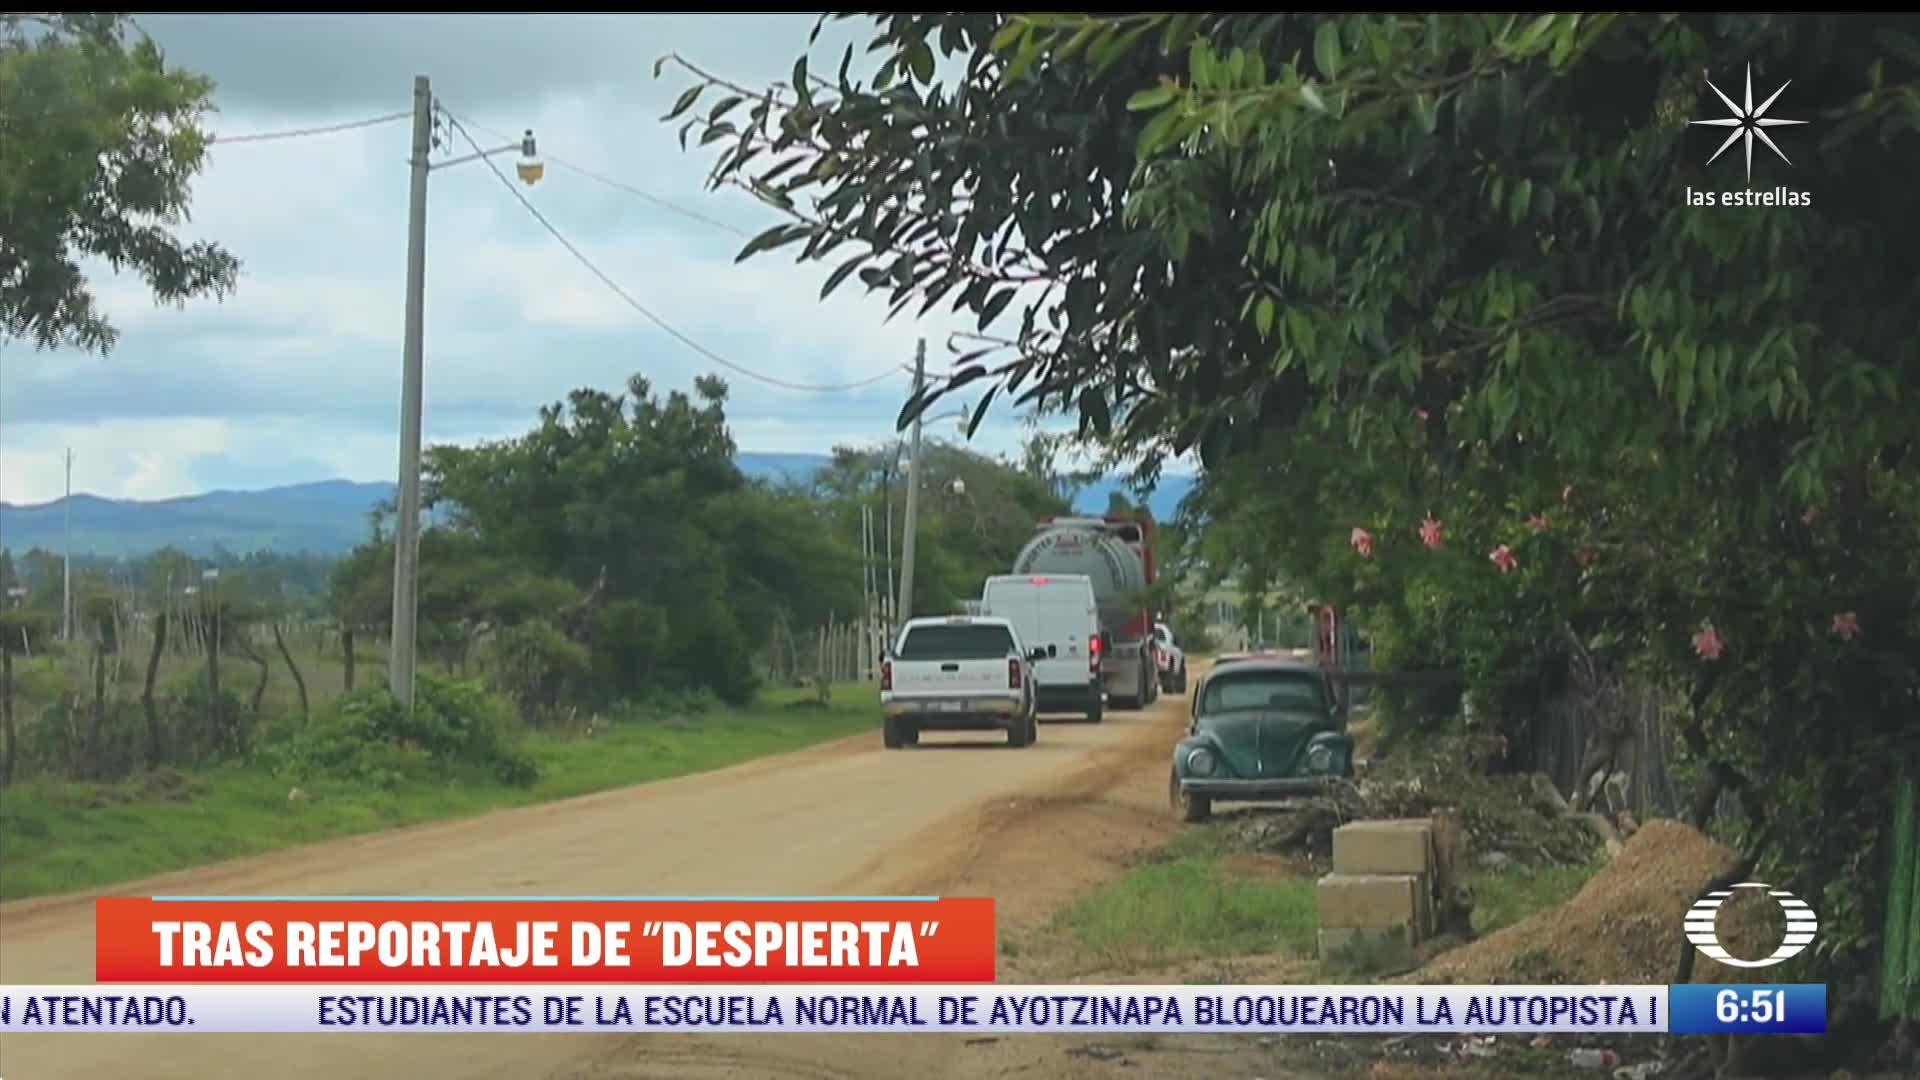 Aseguran pipa que transportaba diesel de contrabando, tras denuncia de Despierta